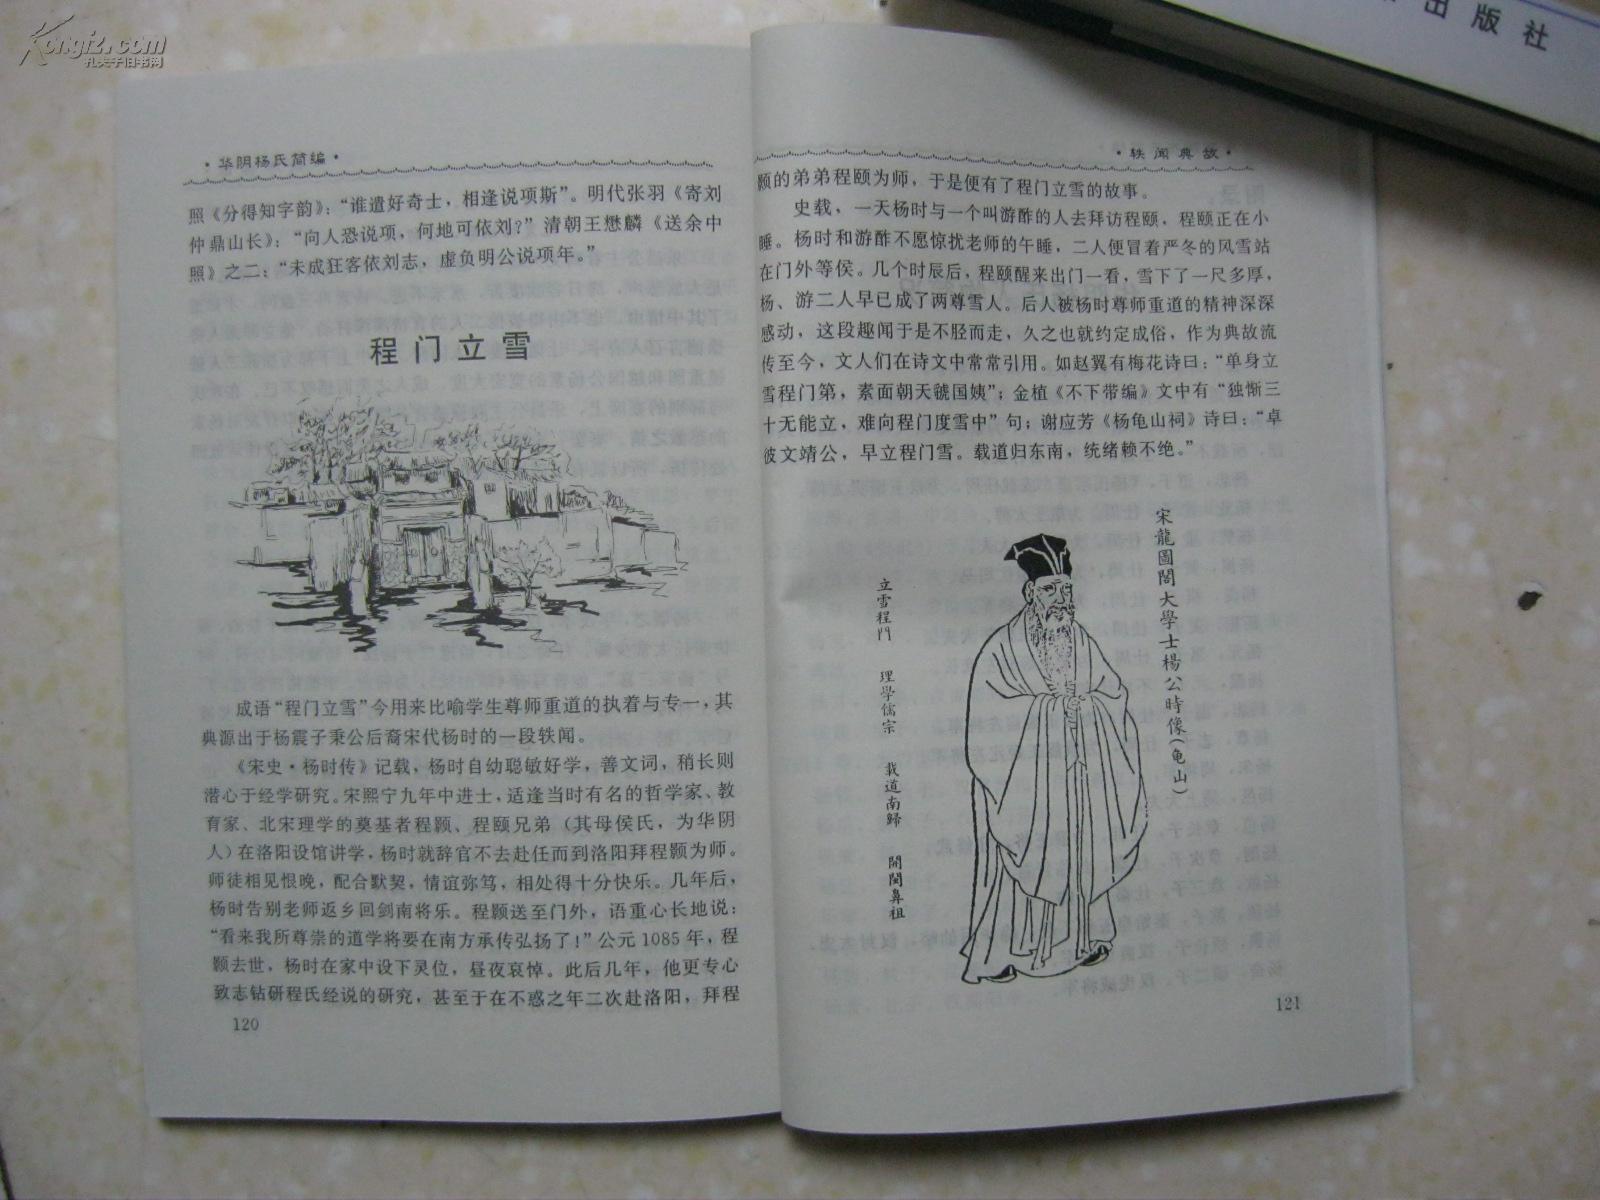 杨氏族谱,我爷爷是焕字辈分,我爸爸是道子辈分,我是什么辈分图片